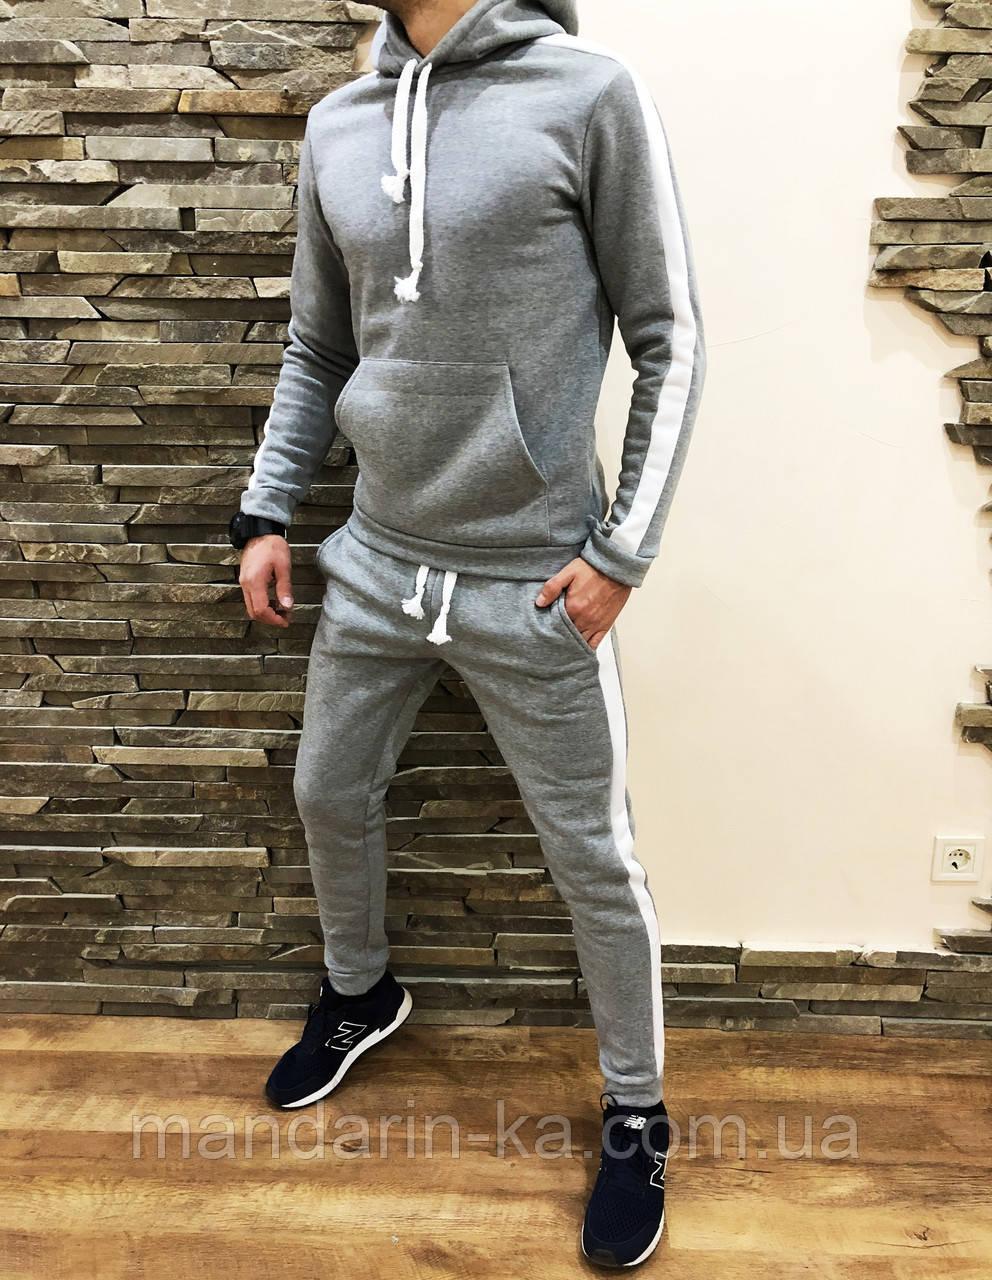 Костюм мужской спортивный утепленный серый с лампасами 4 цвета